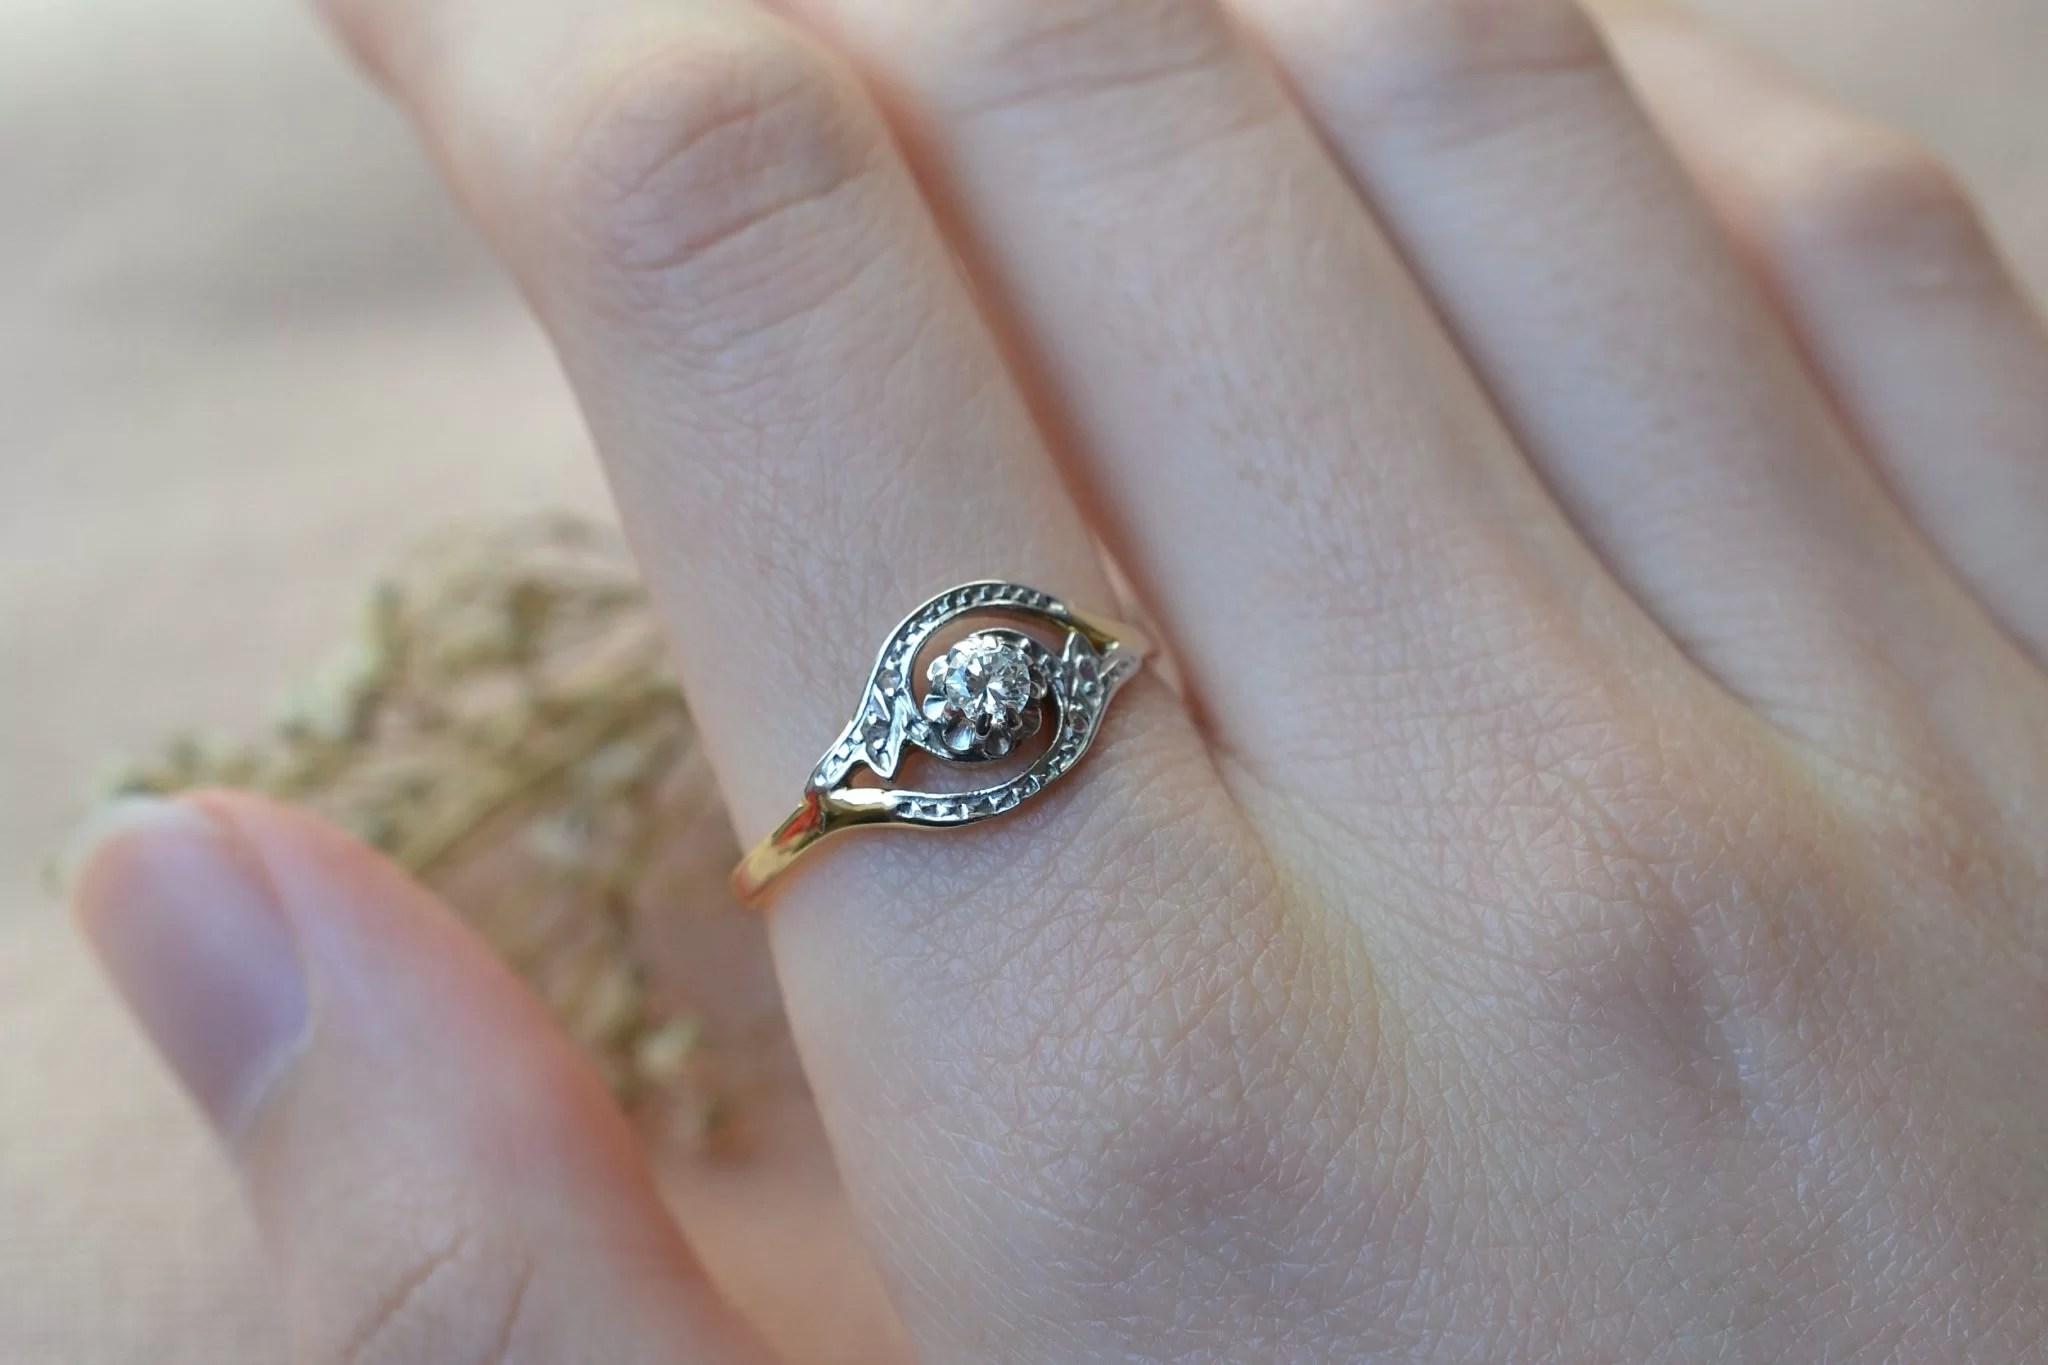 Bague en Or jaune et Or blanc ornée d_un diamant de taille ancienne et de diamants de taille rose - bague d_occasion